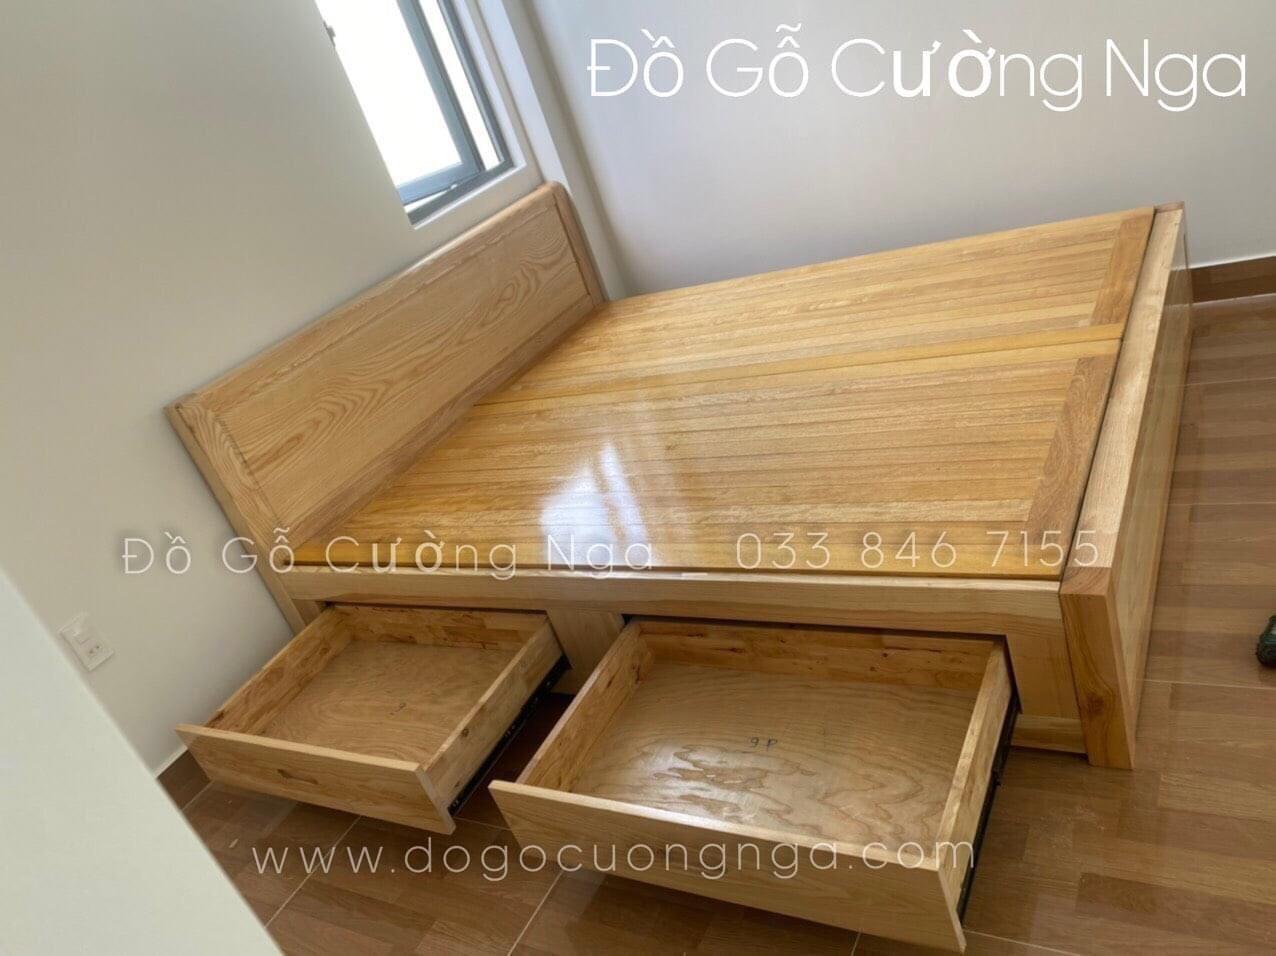 giường gỗ sồi nga có ngăn kéo